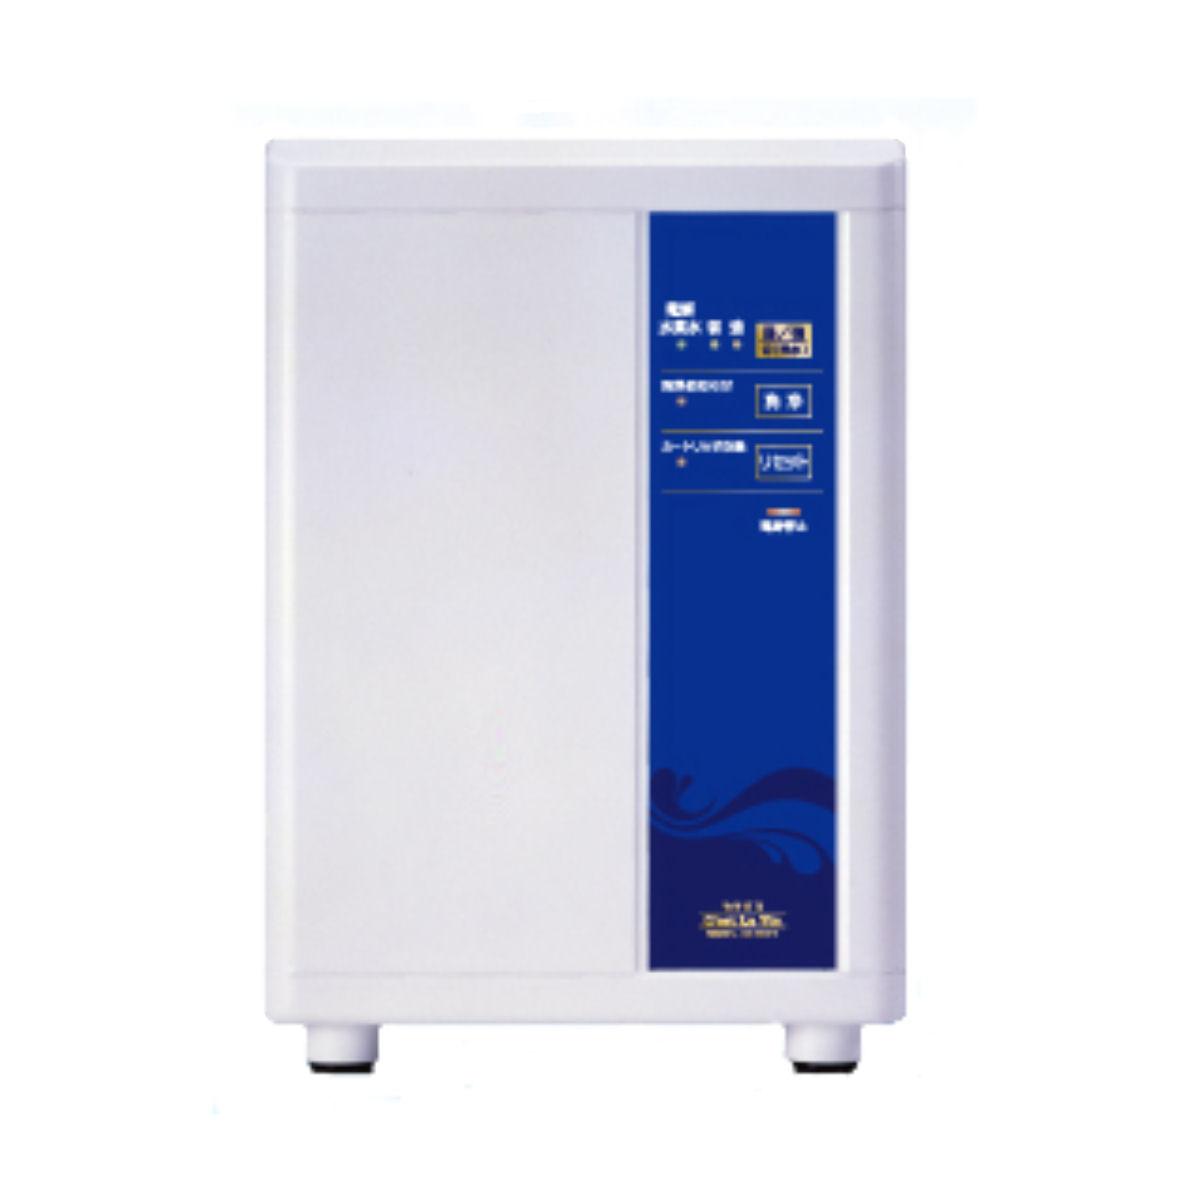 コロナ工業 家庭用電解水素水生成器 コロナ工業・浄水器 CI-701H セラビ2 MODEL セラビ2 CI-701H, 健康のお手伝い:8e5db7b6 --- sunward.msk.ru